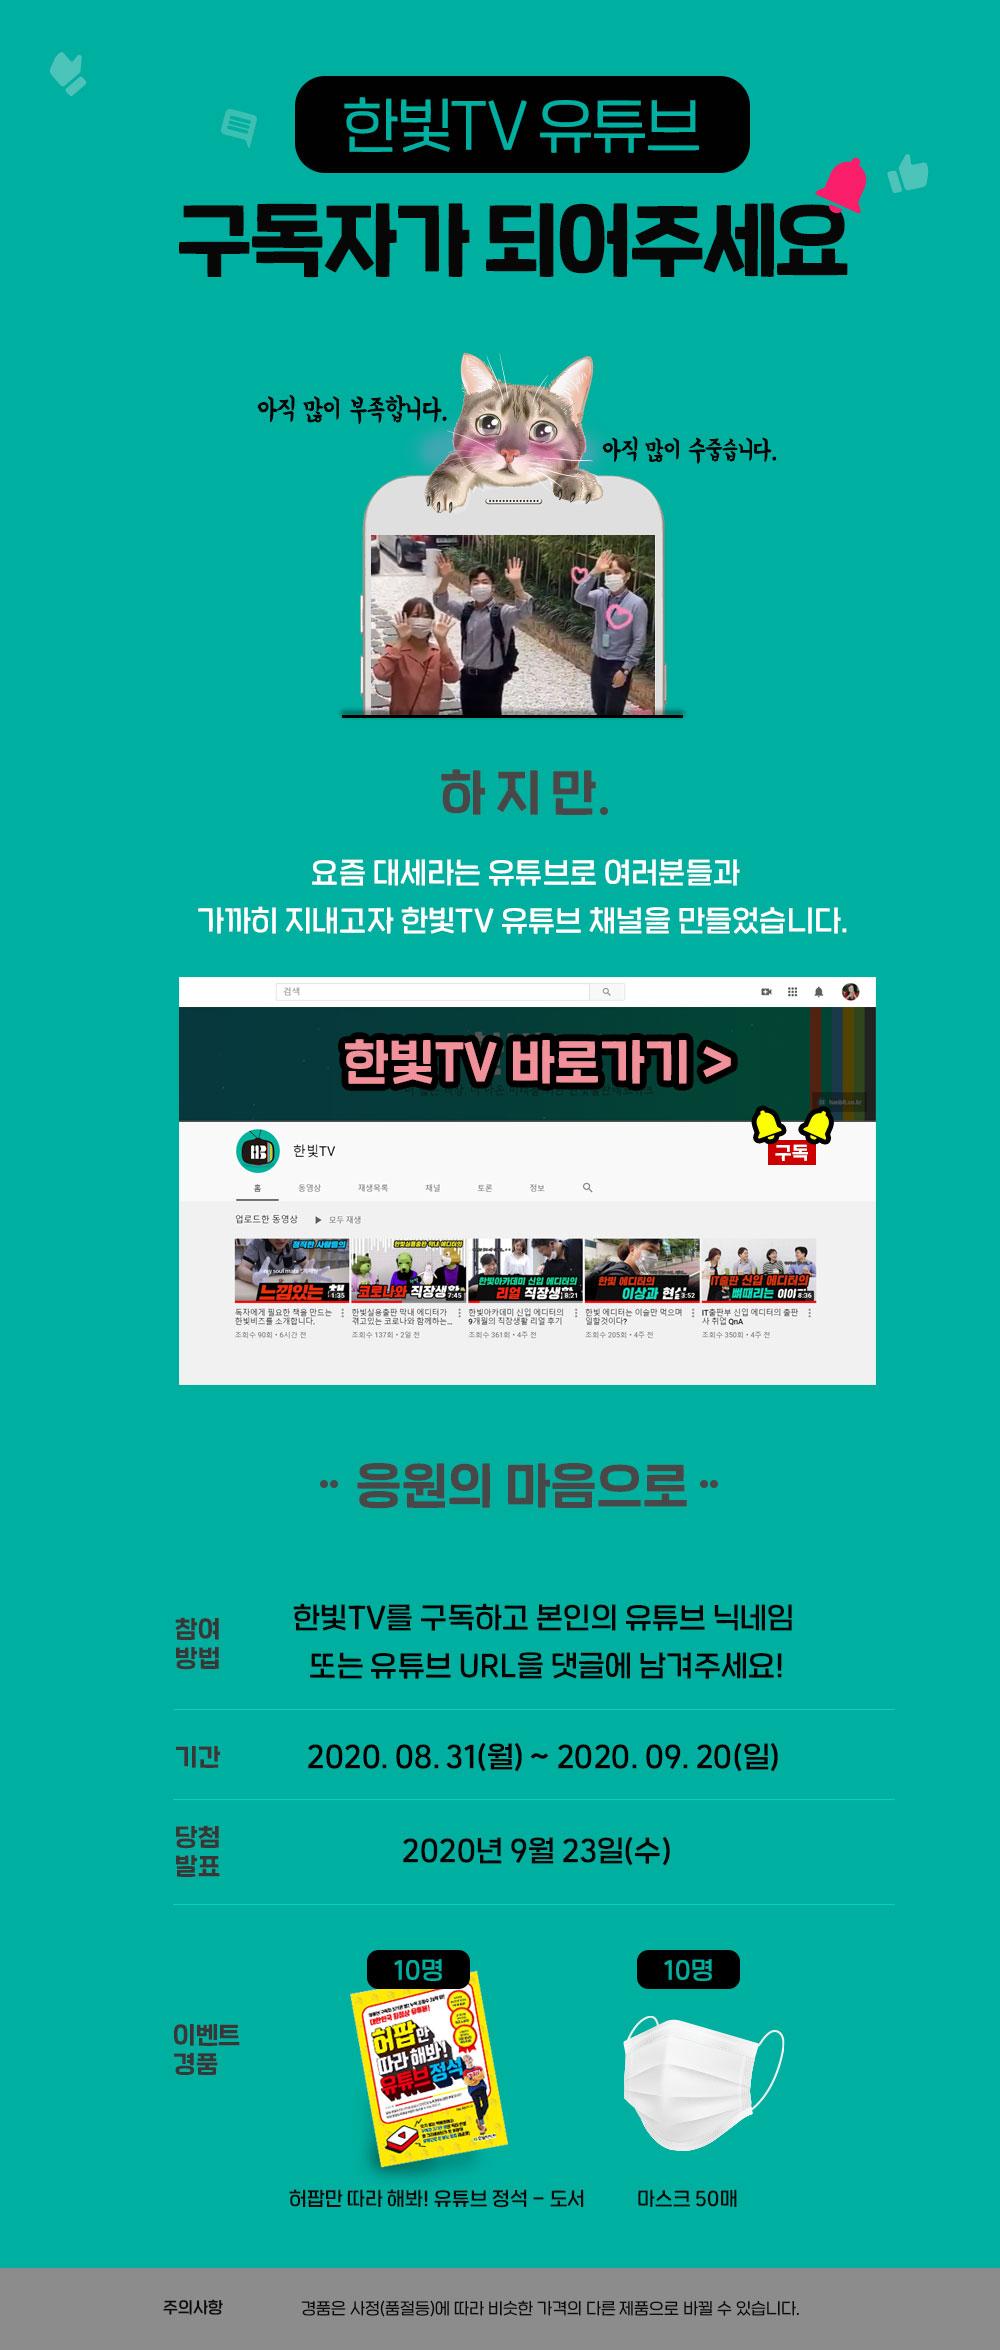 한빛TV 유튜브 구독 이벤트